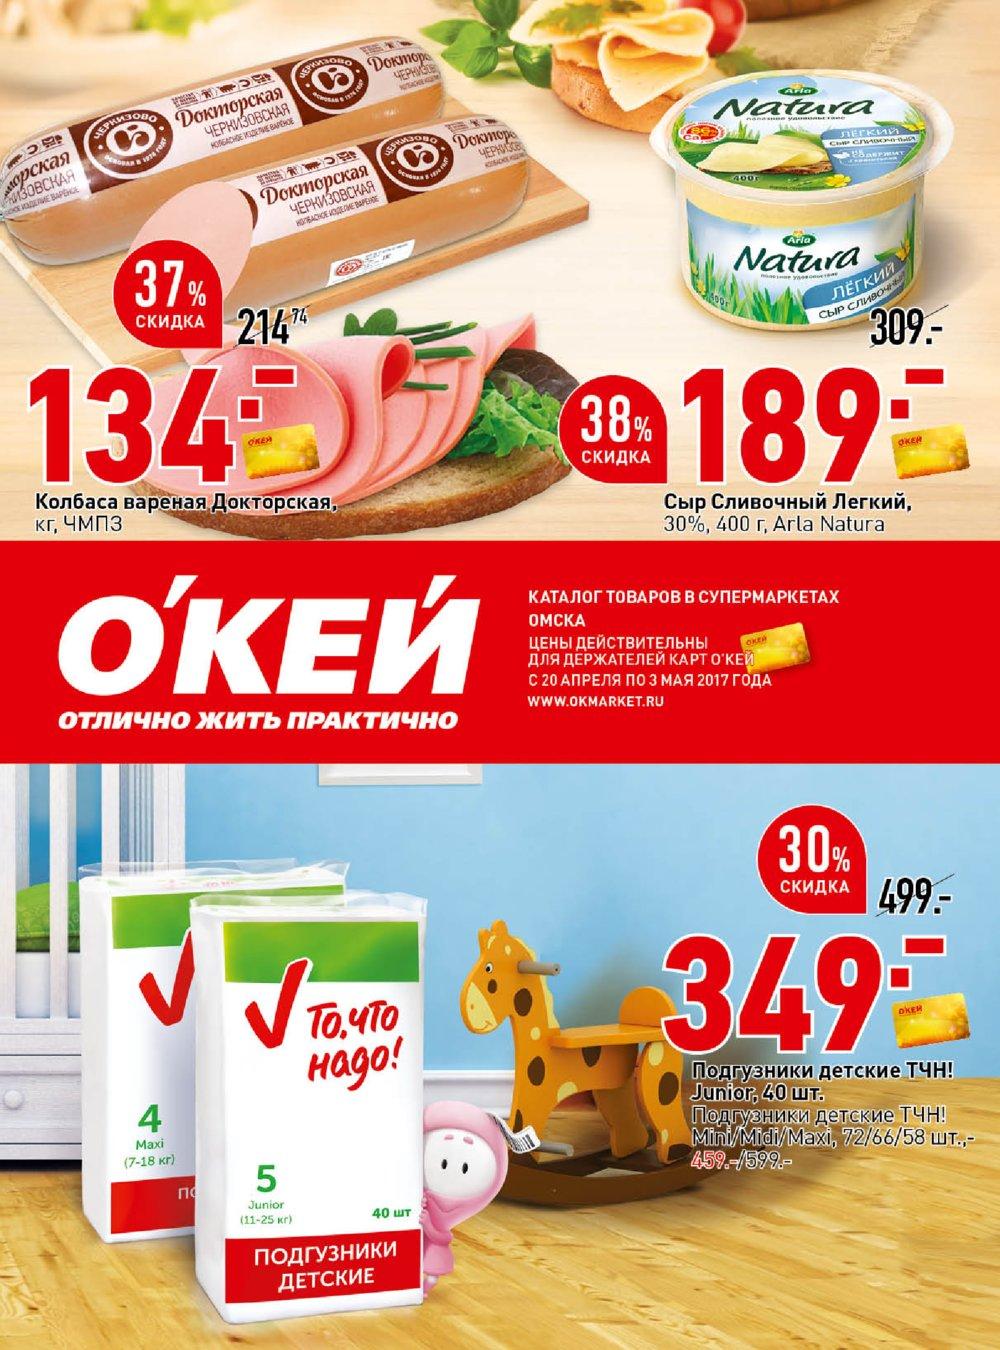 Каталог акций Окей Супермаркет с 20 апреля по 3 мая 2017 - стр. 1